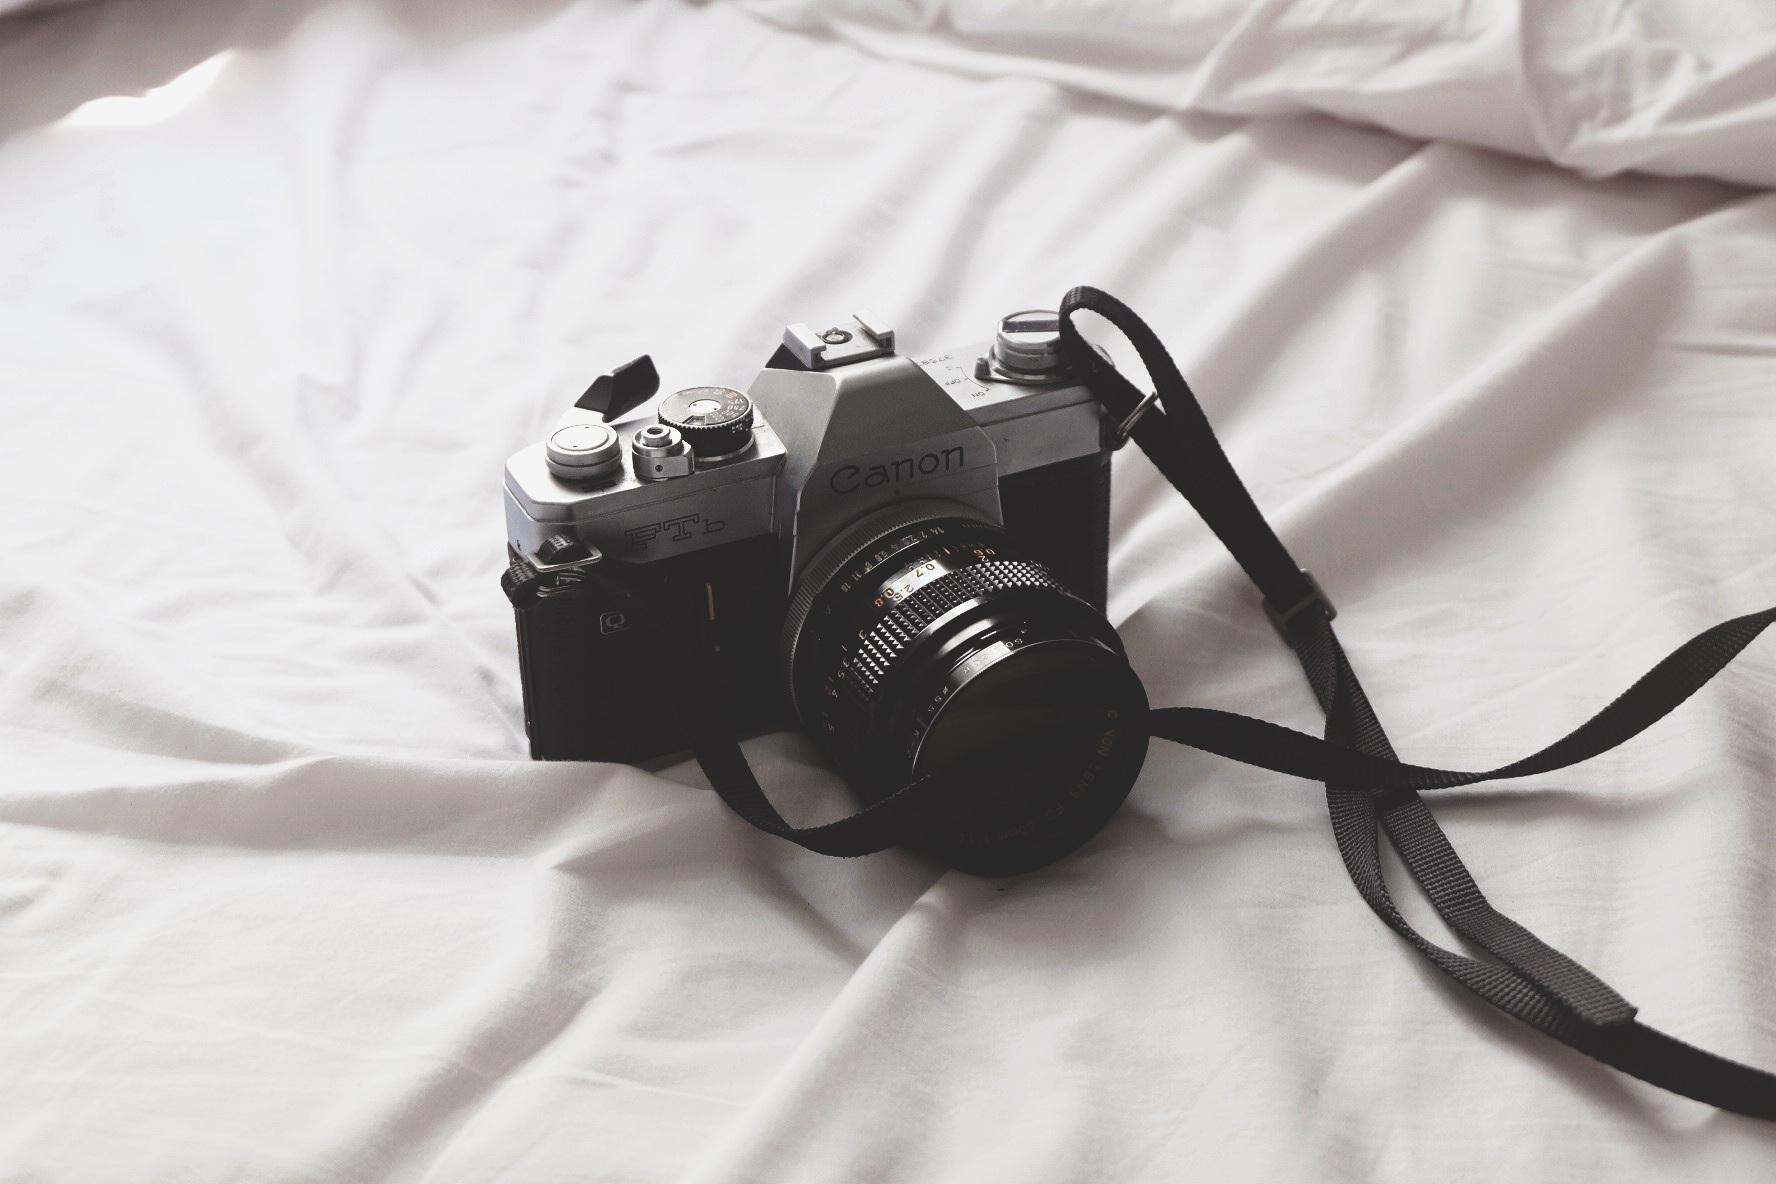 Curso de fotografía: Cómo utilizar tu cámara de fotos